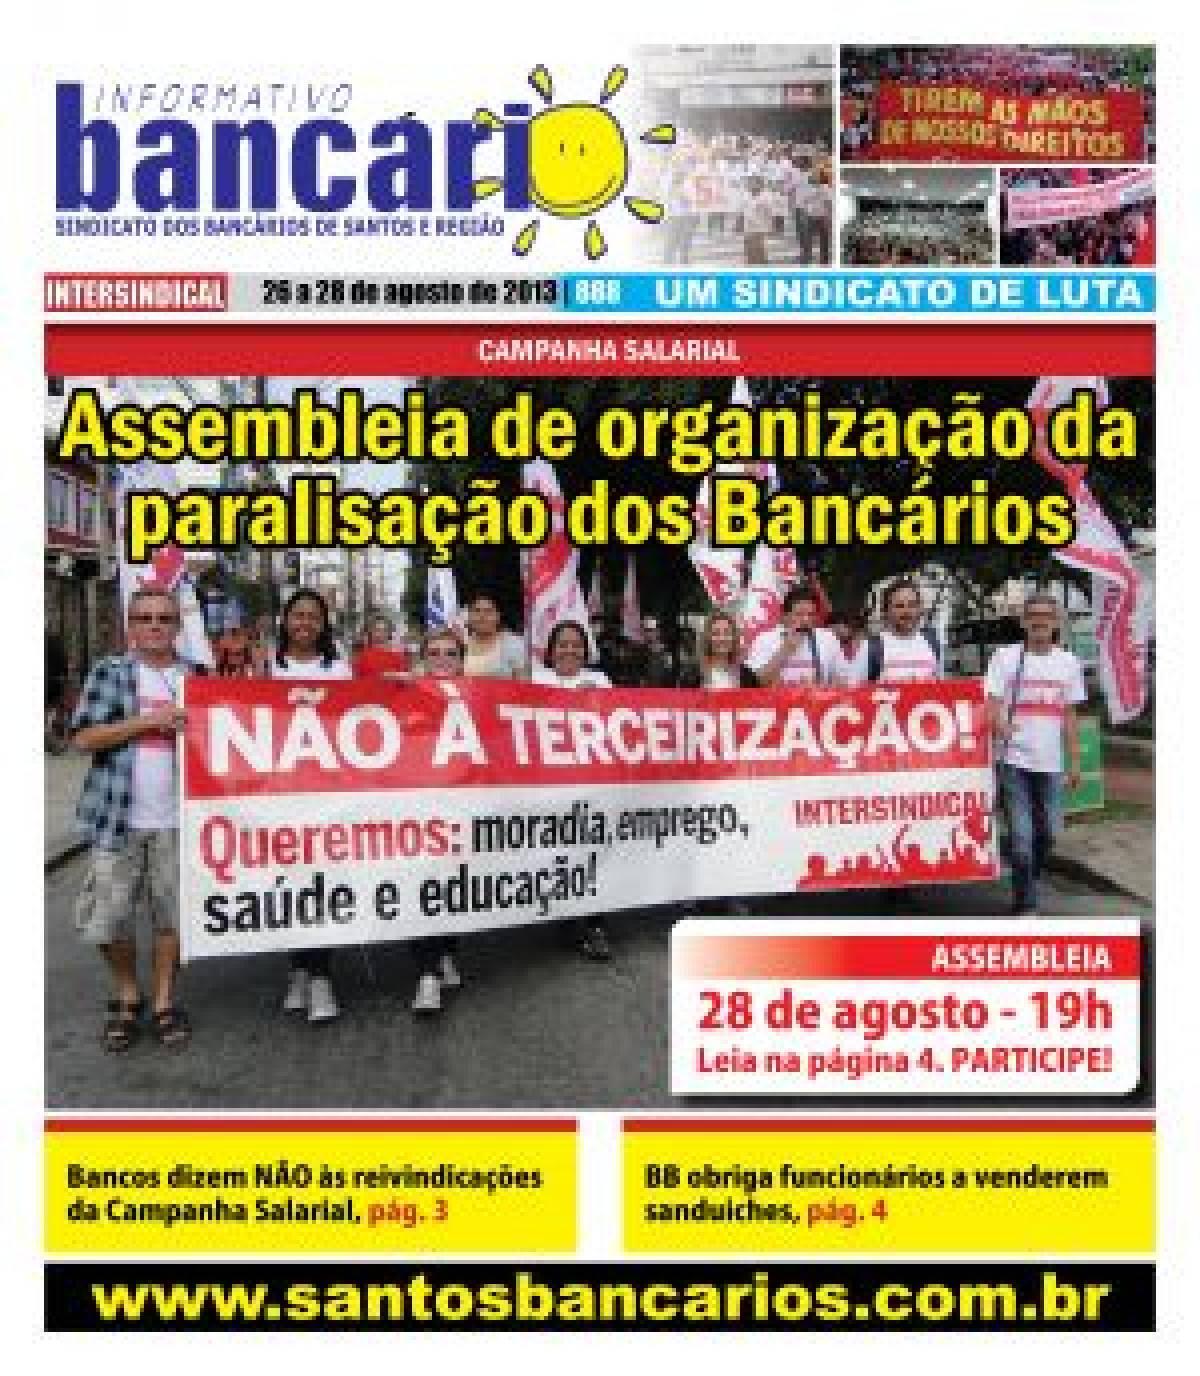 Assembleia de organização da paralisação dos Bancários